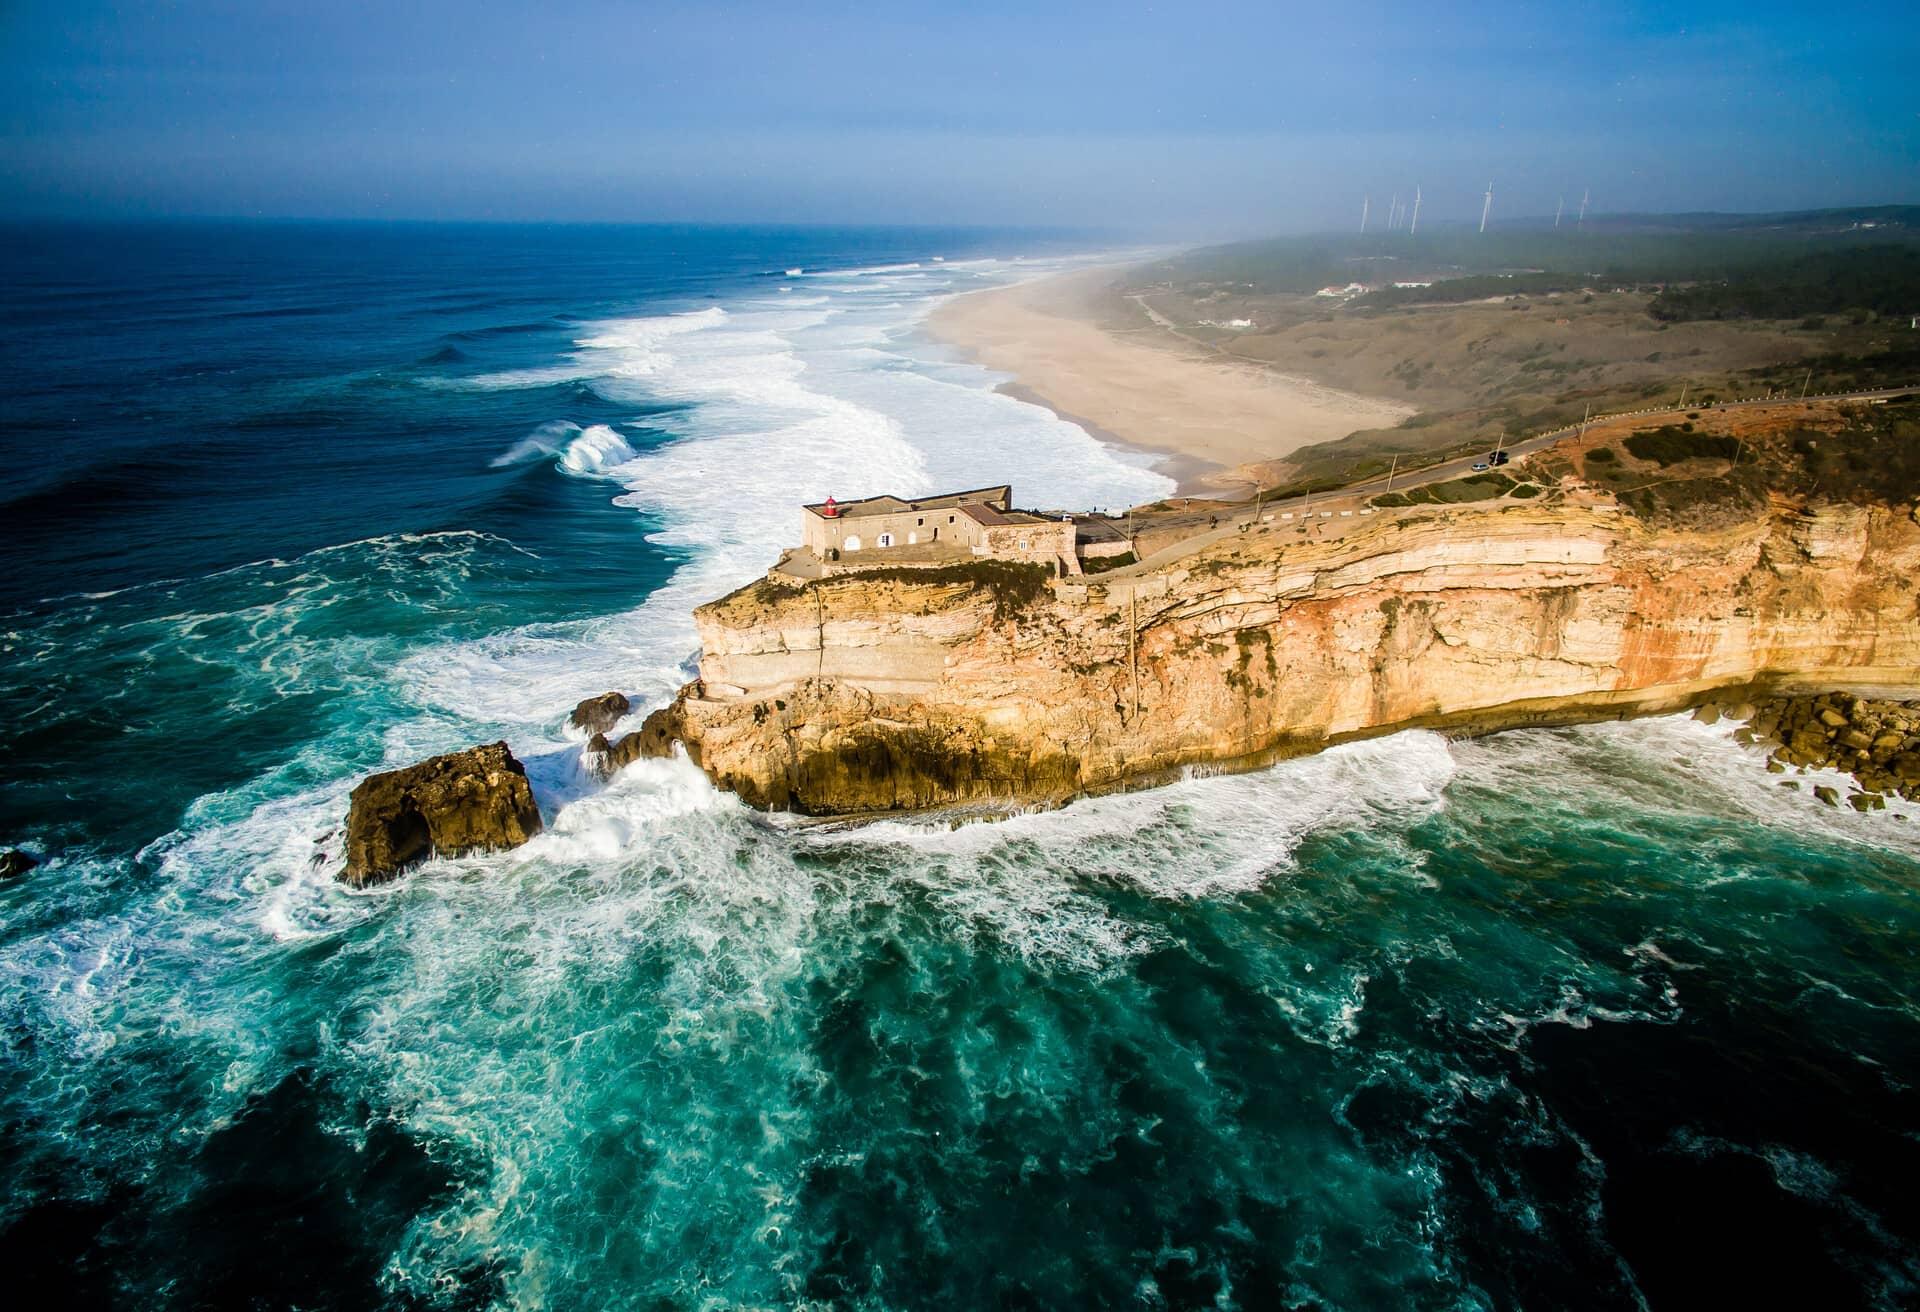 Udsigt over klipper ned mod havet i Portugal.